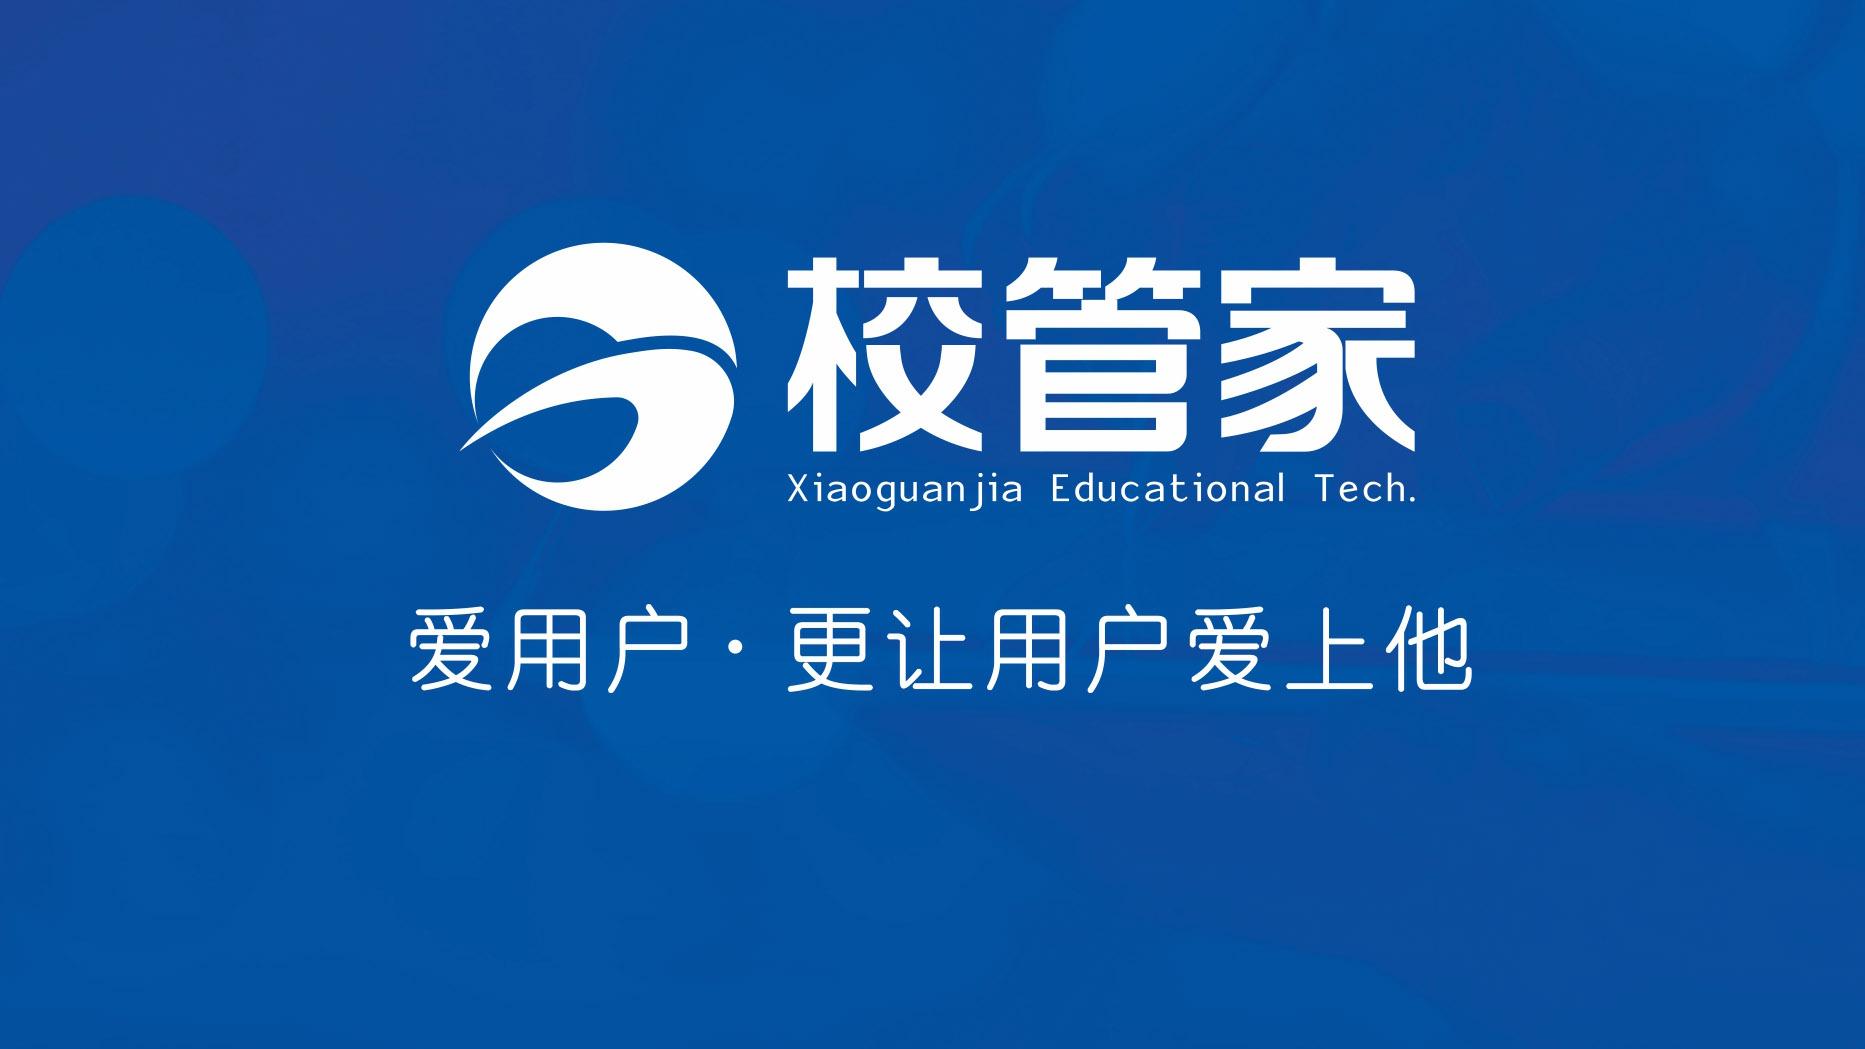 学校选课系统_正宗编程开发软件厂家-长沙市校管家教育科技有限公司